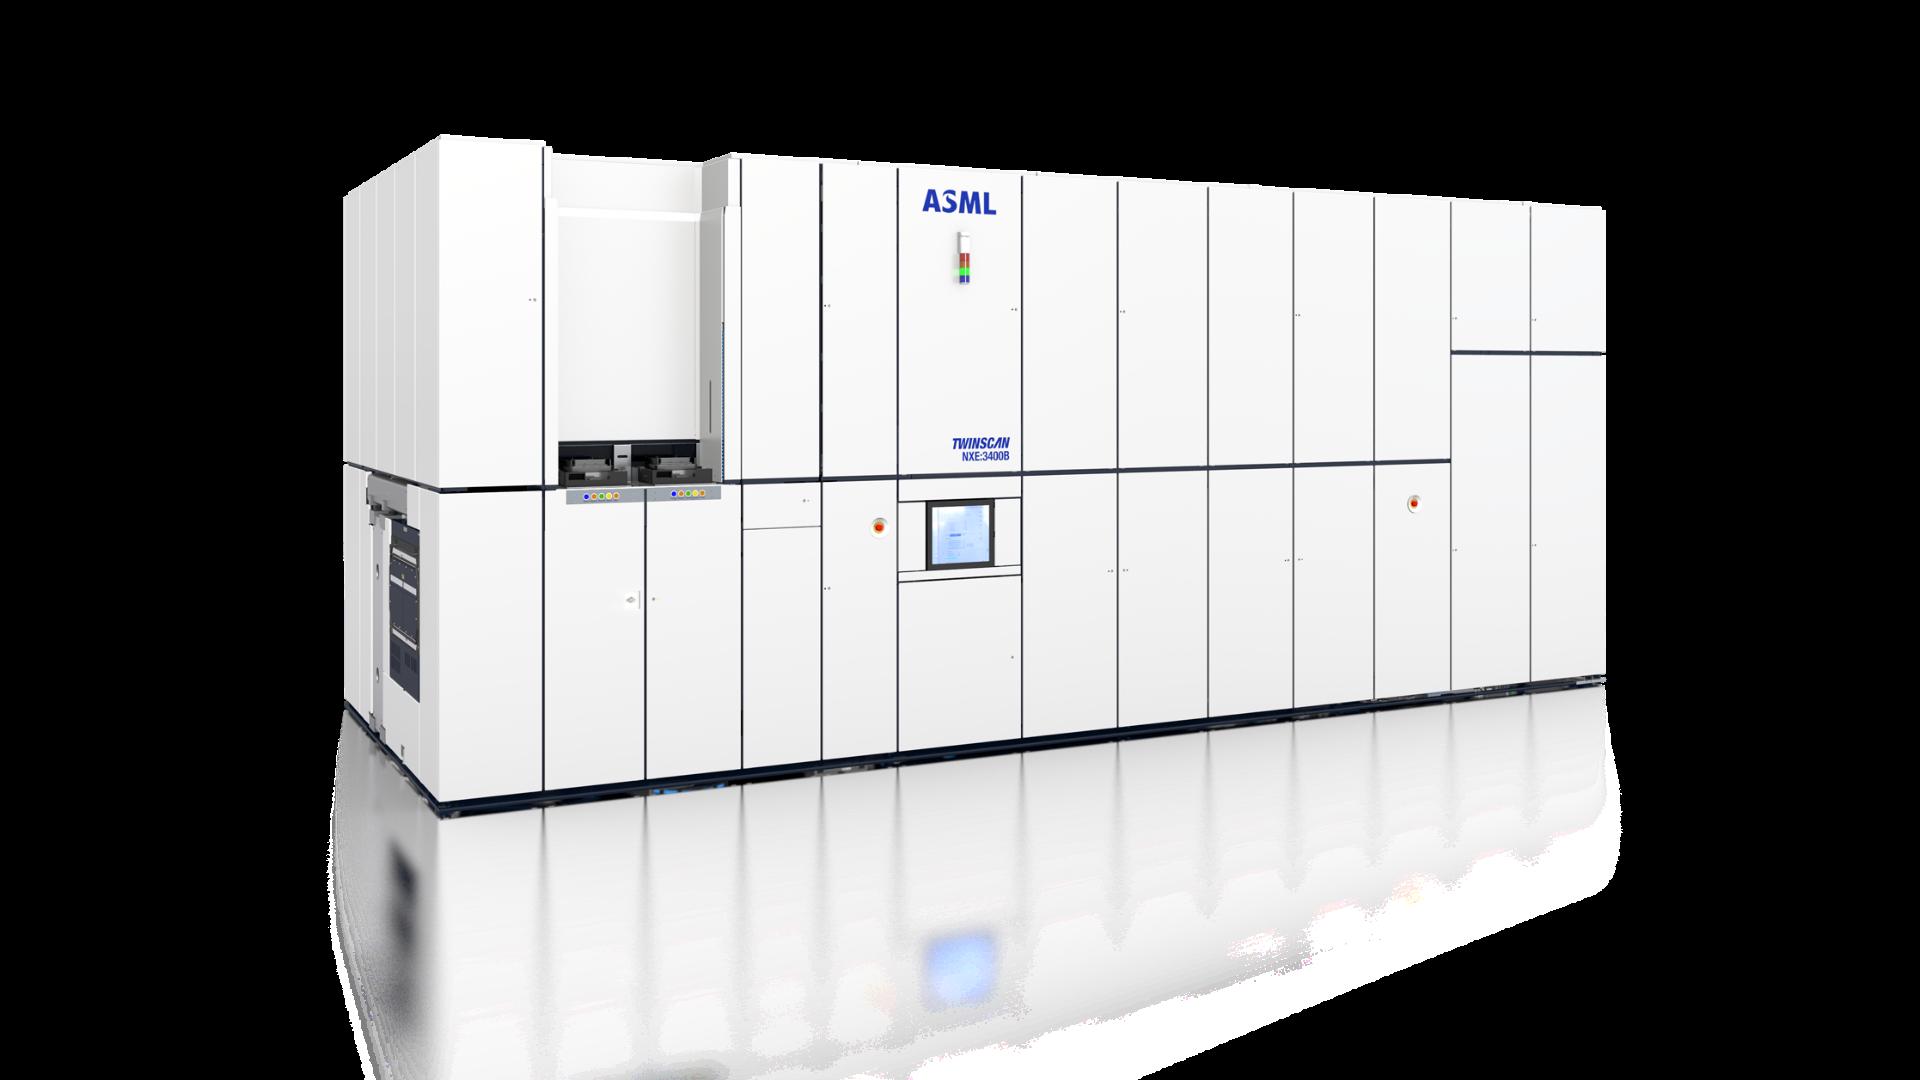 Как фирма из Эйндховена стала монополистом на рынке современного оборудования для производства микросхем - 3